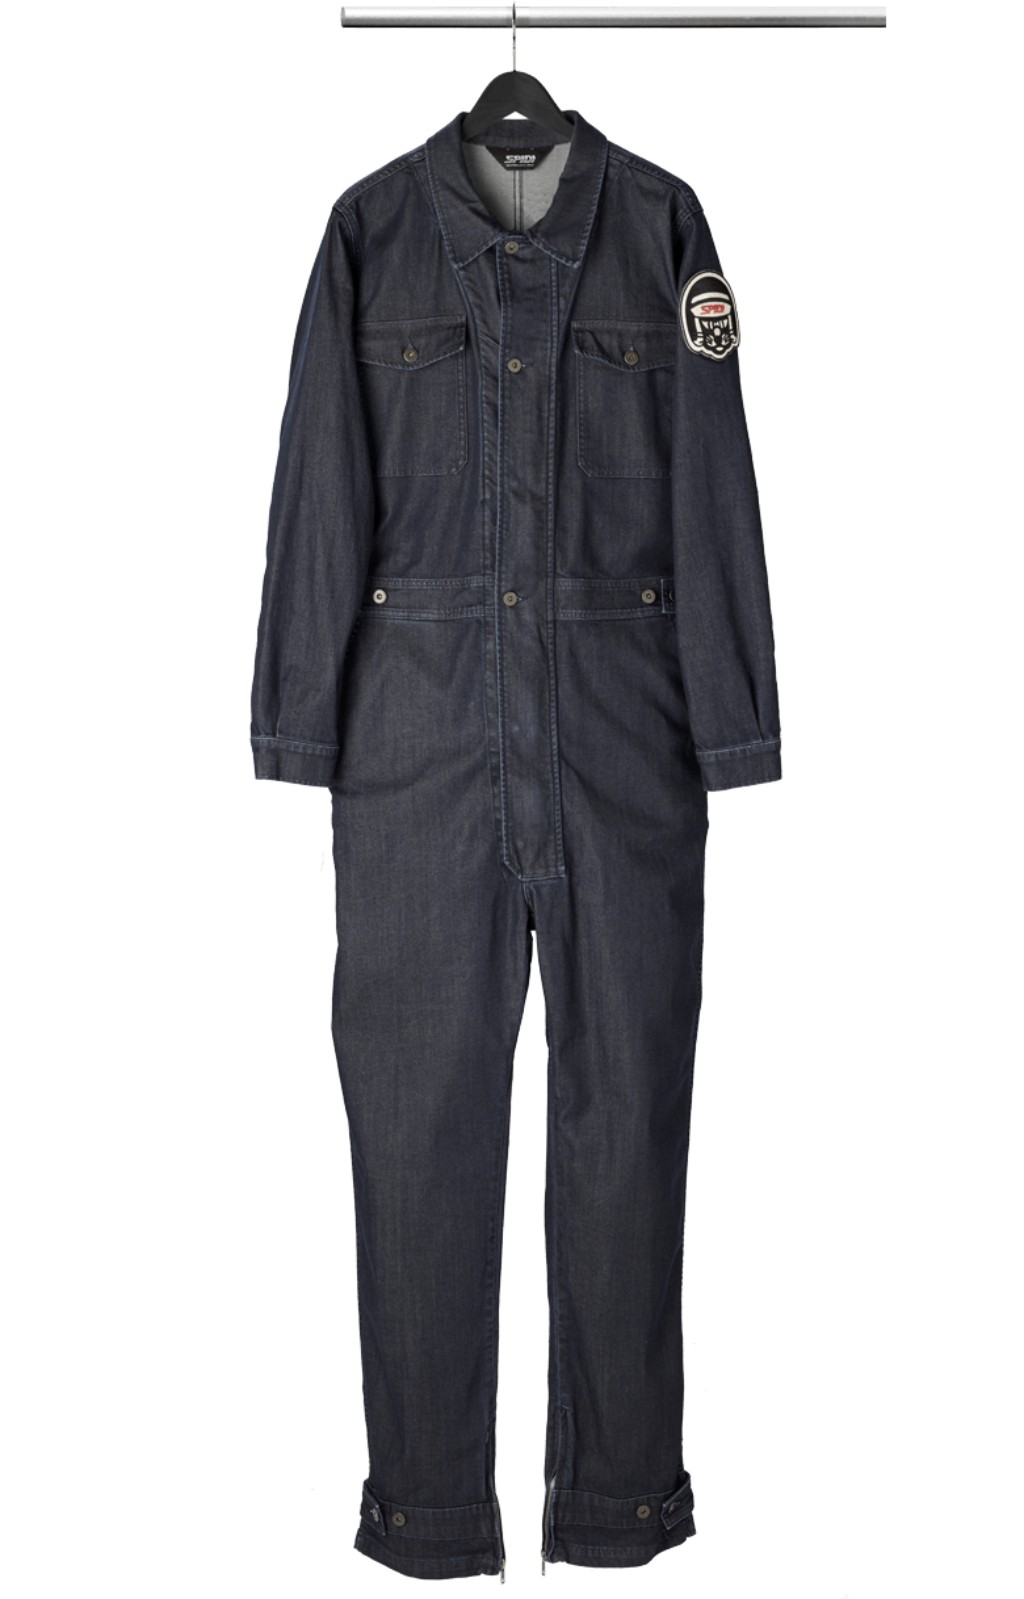 SPIDI スピーディーORIGINALS スーツ